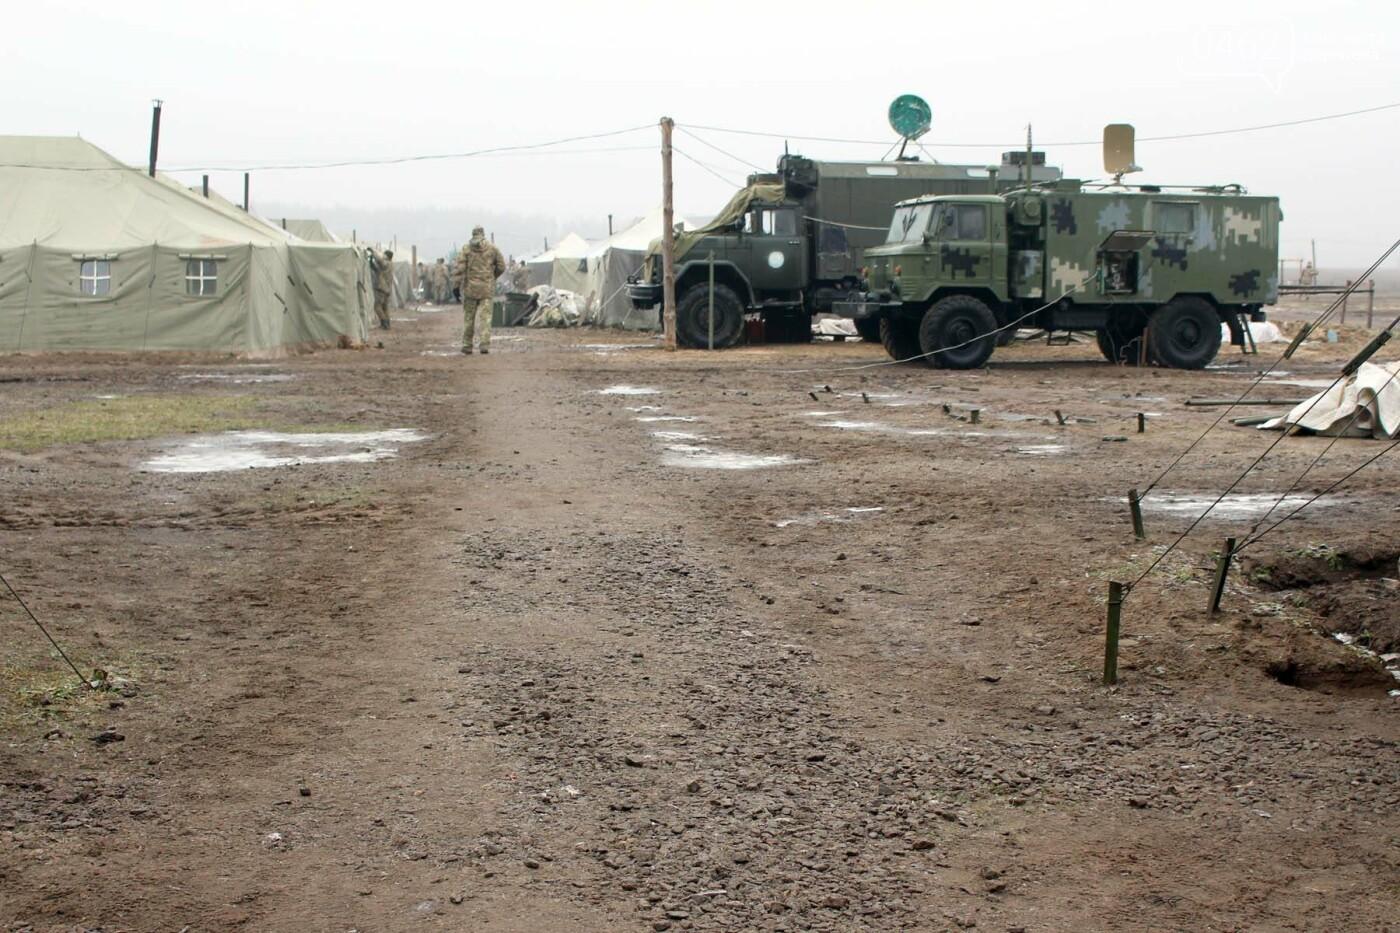 Полигон в Черниговской области, который ранее раскритиковали за ужасные условия, привели в порядок, фото-3